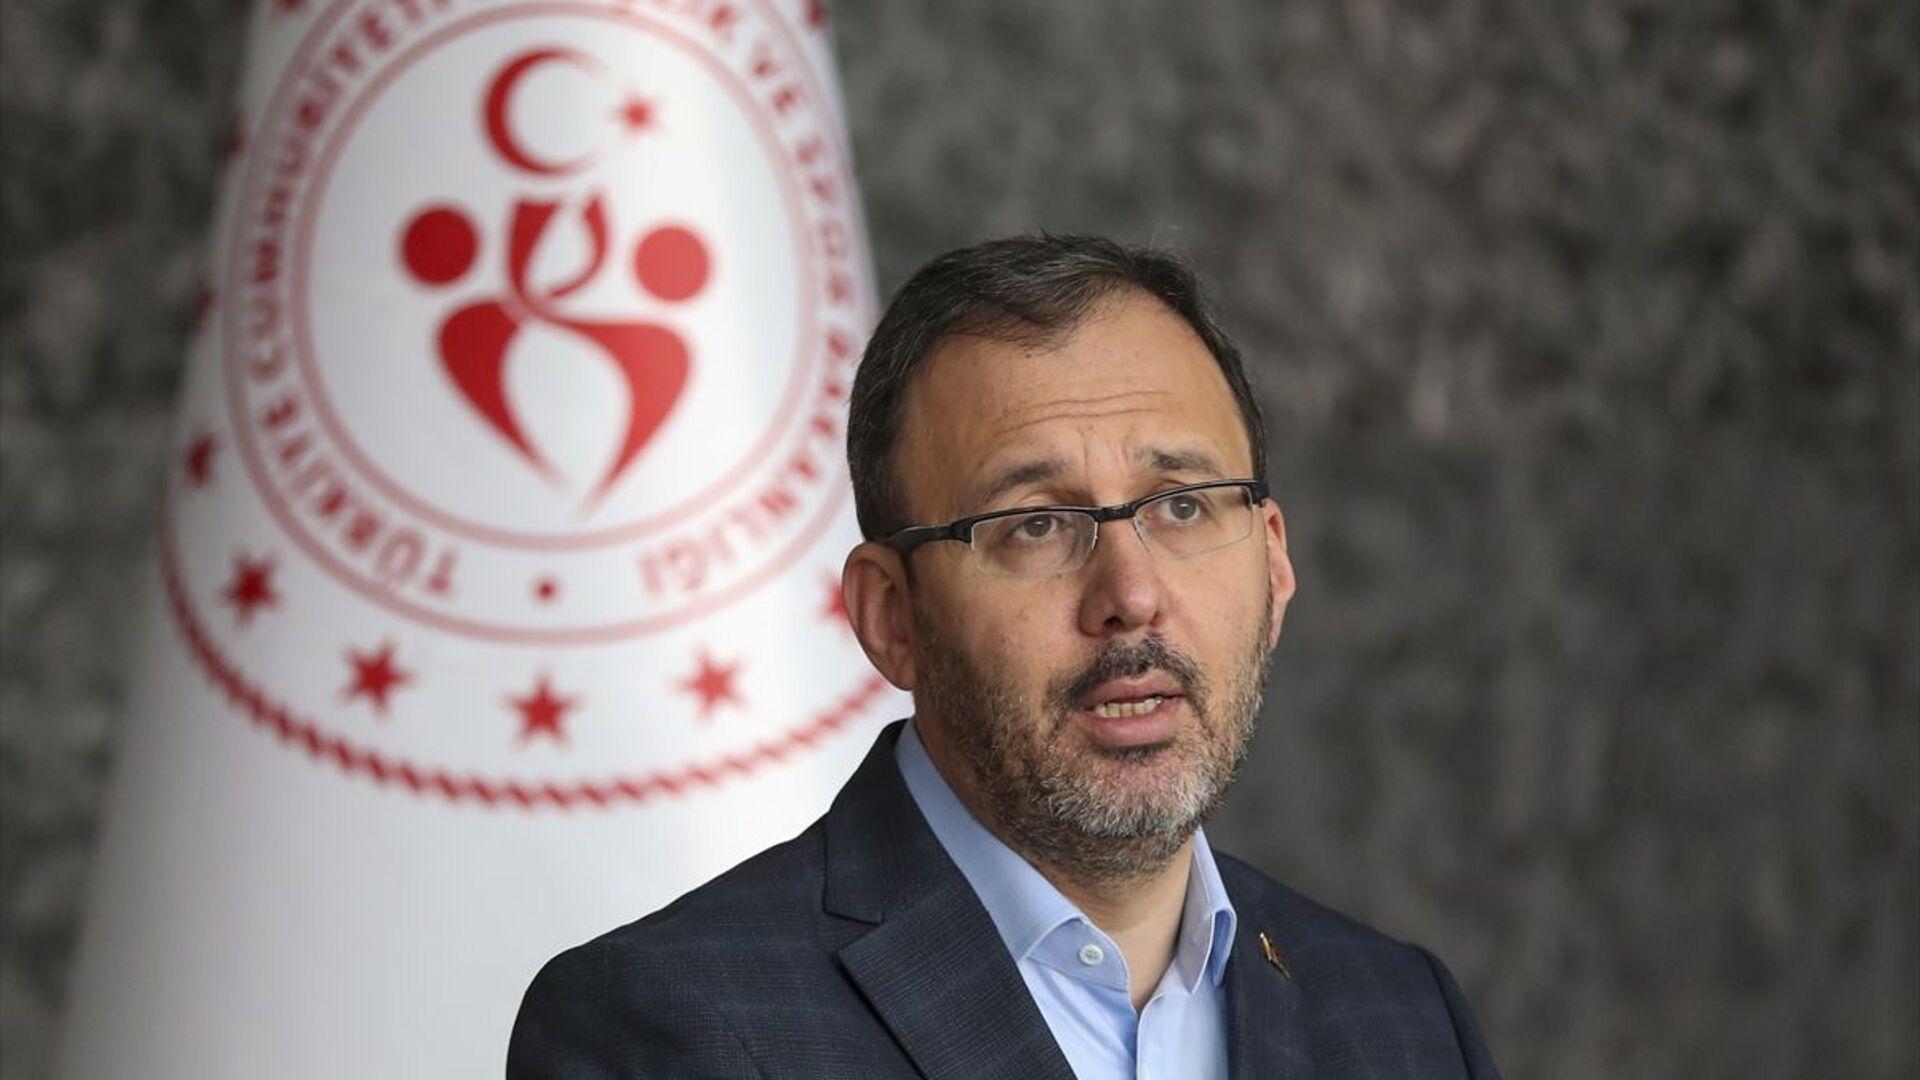 Gençlik ve Spor Bakanı Mehmet Muharrem Kasapoğlu - Sputnik Türkiye, 1920, 22.09.2021